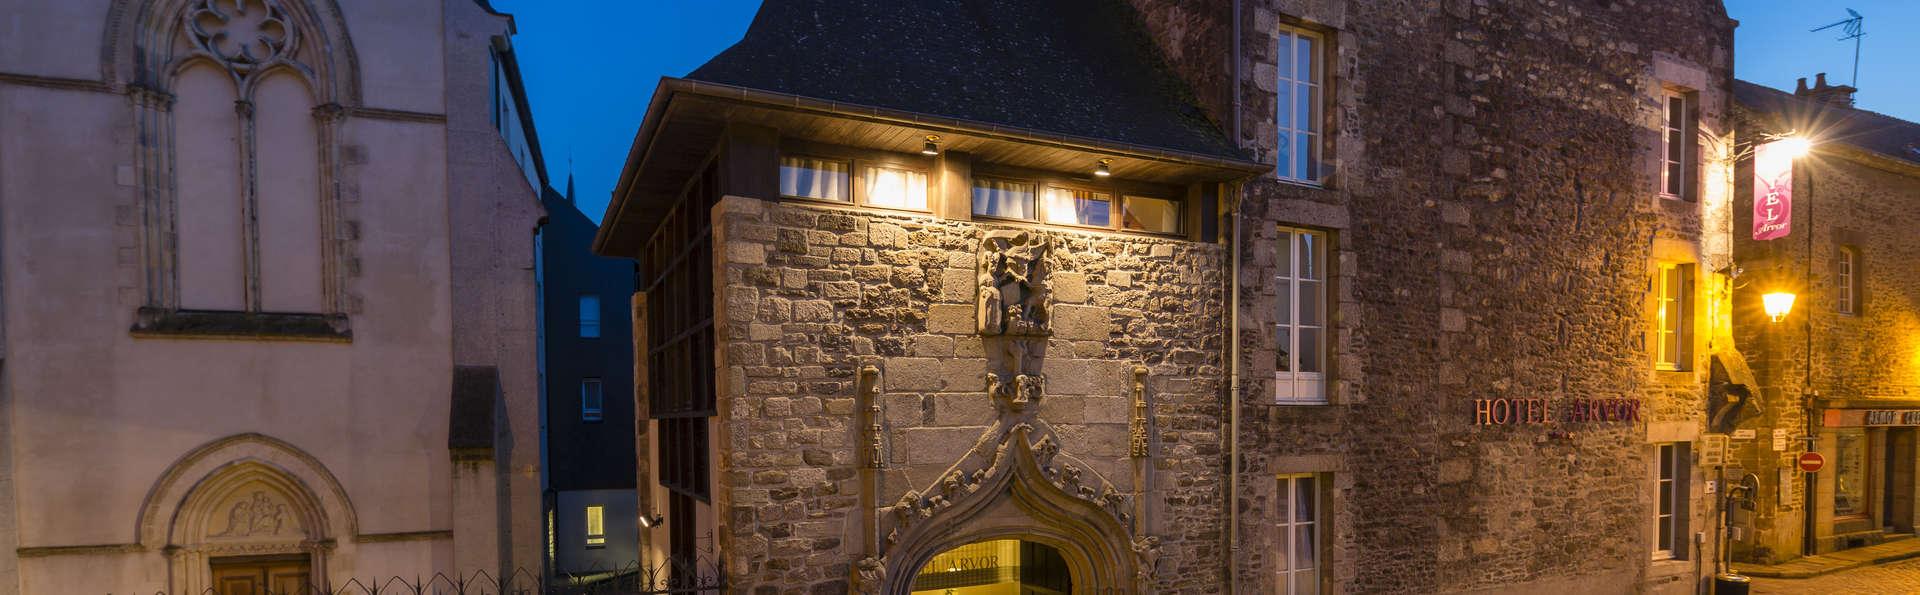 Hôtel Arvor  - Front